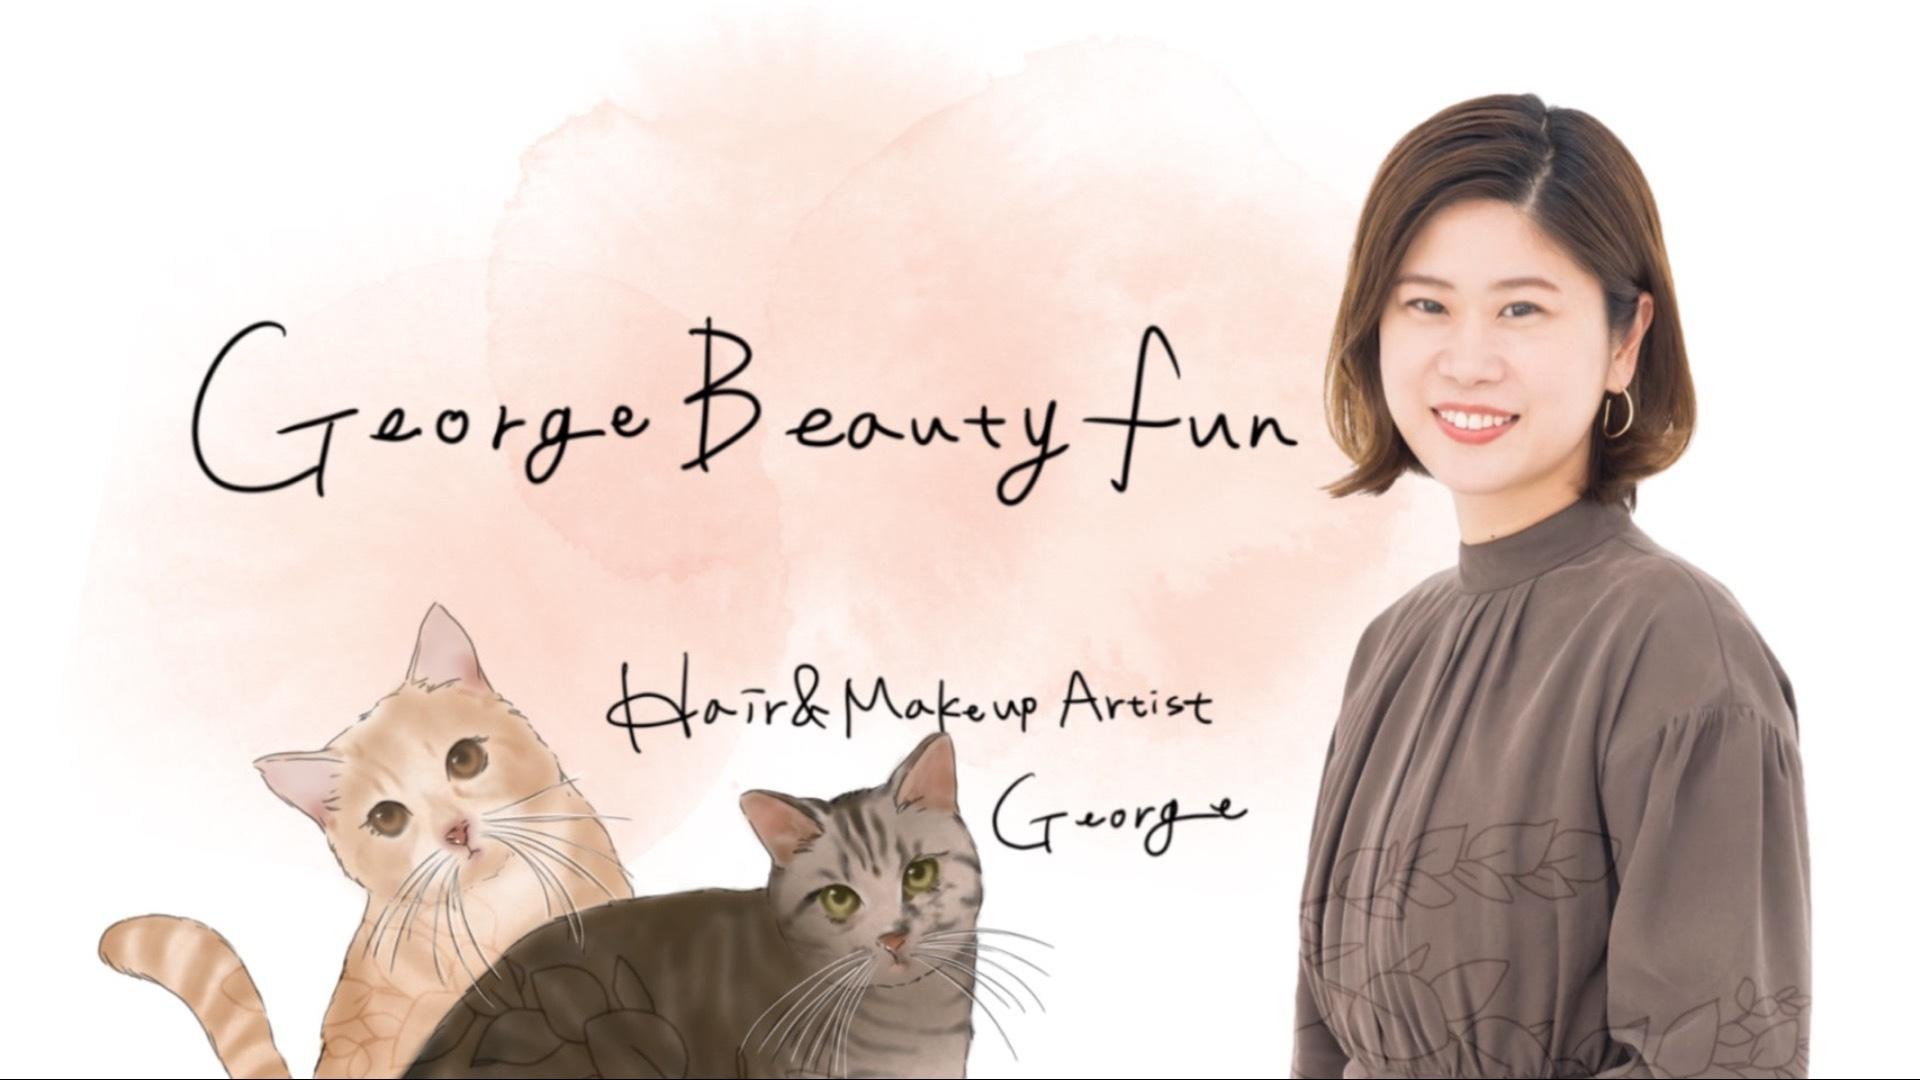 George Beauty Fun